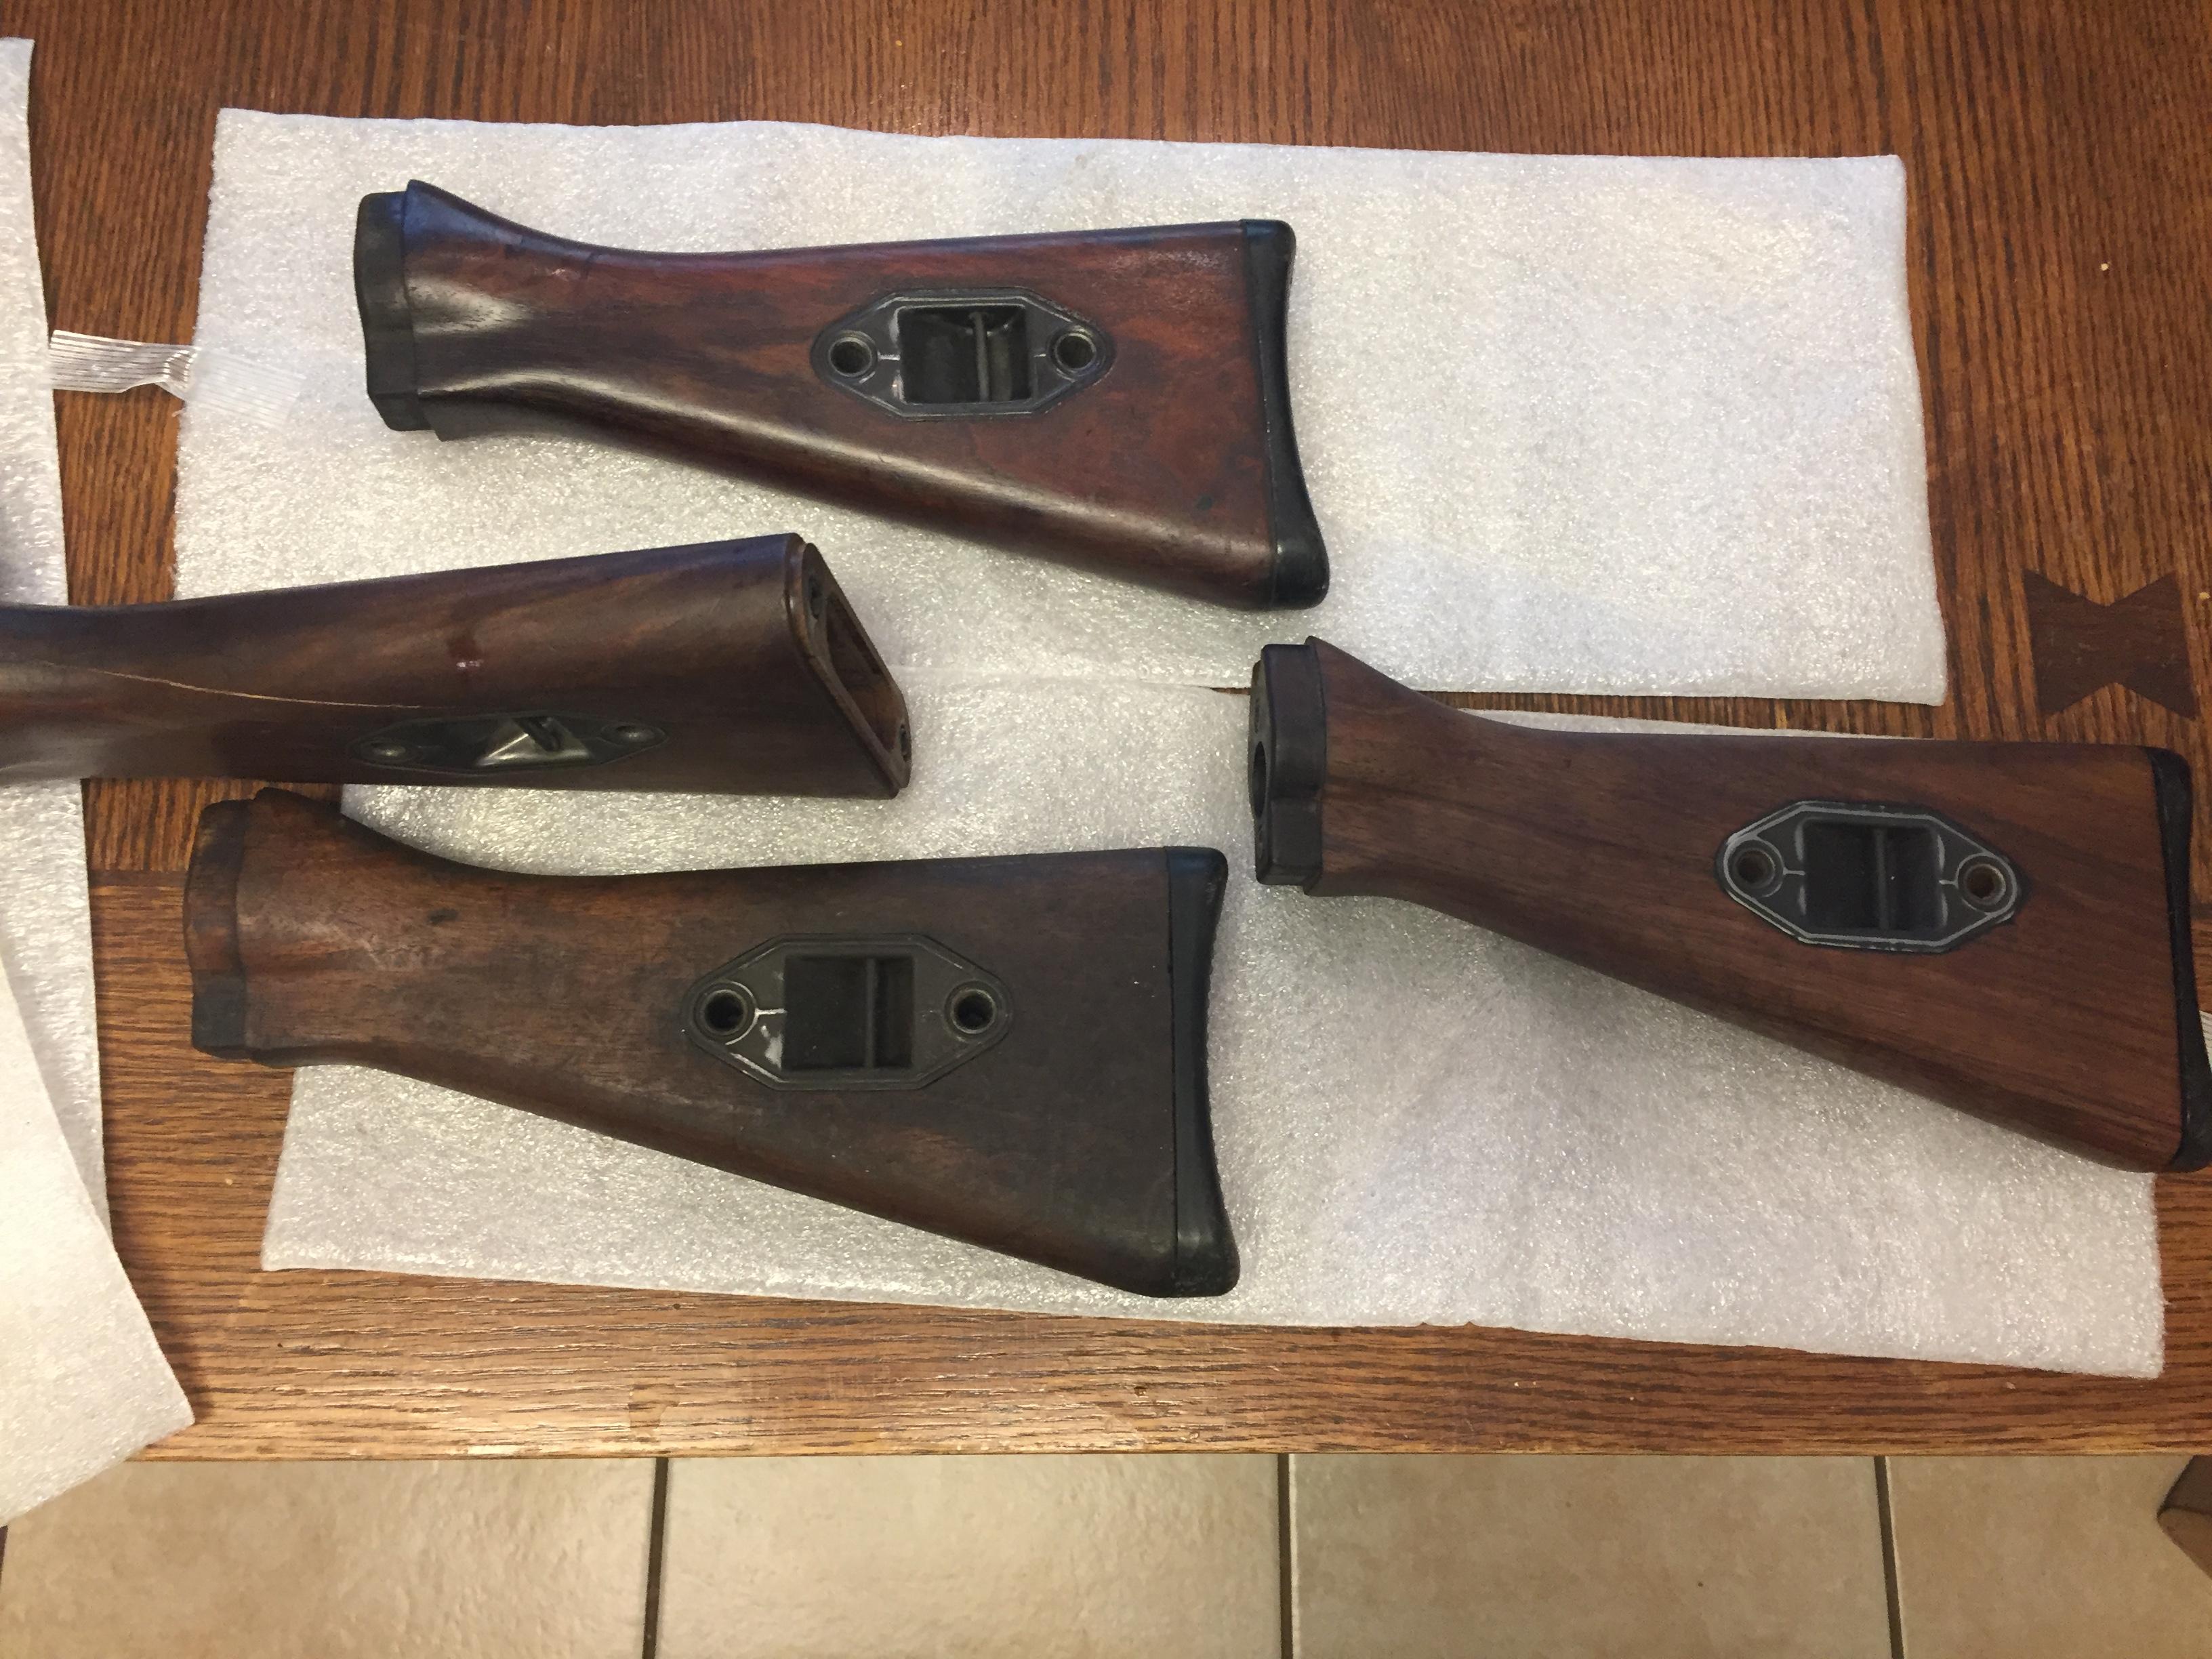 HK-93 Wood Handguard Conversion-5e2a869e-ef8e-4b03-b721-529820526d63.jpeg